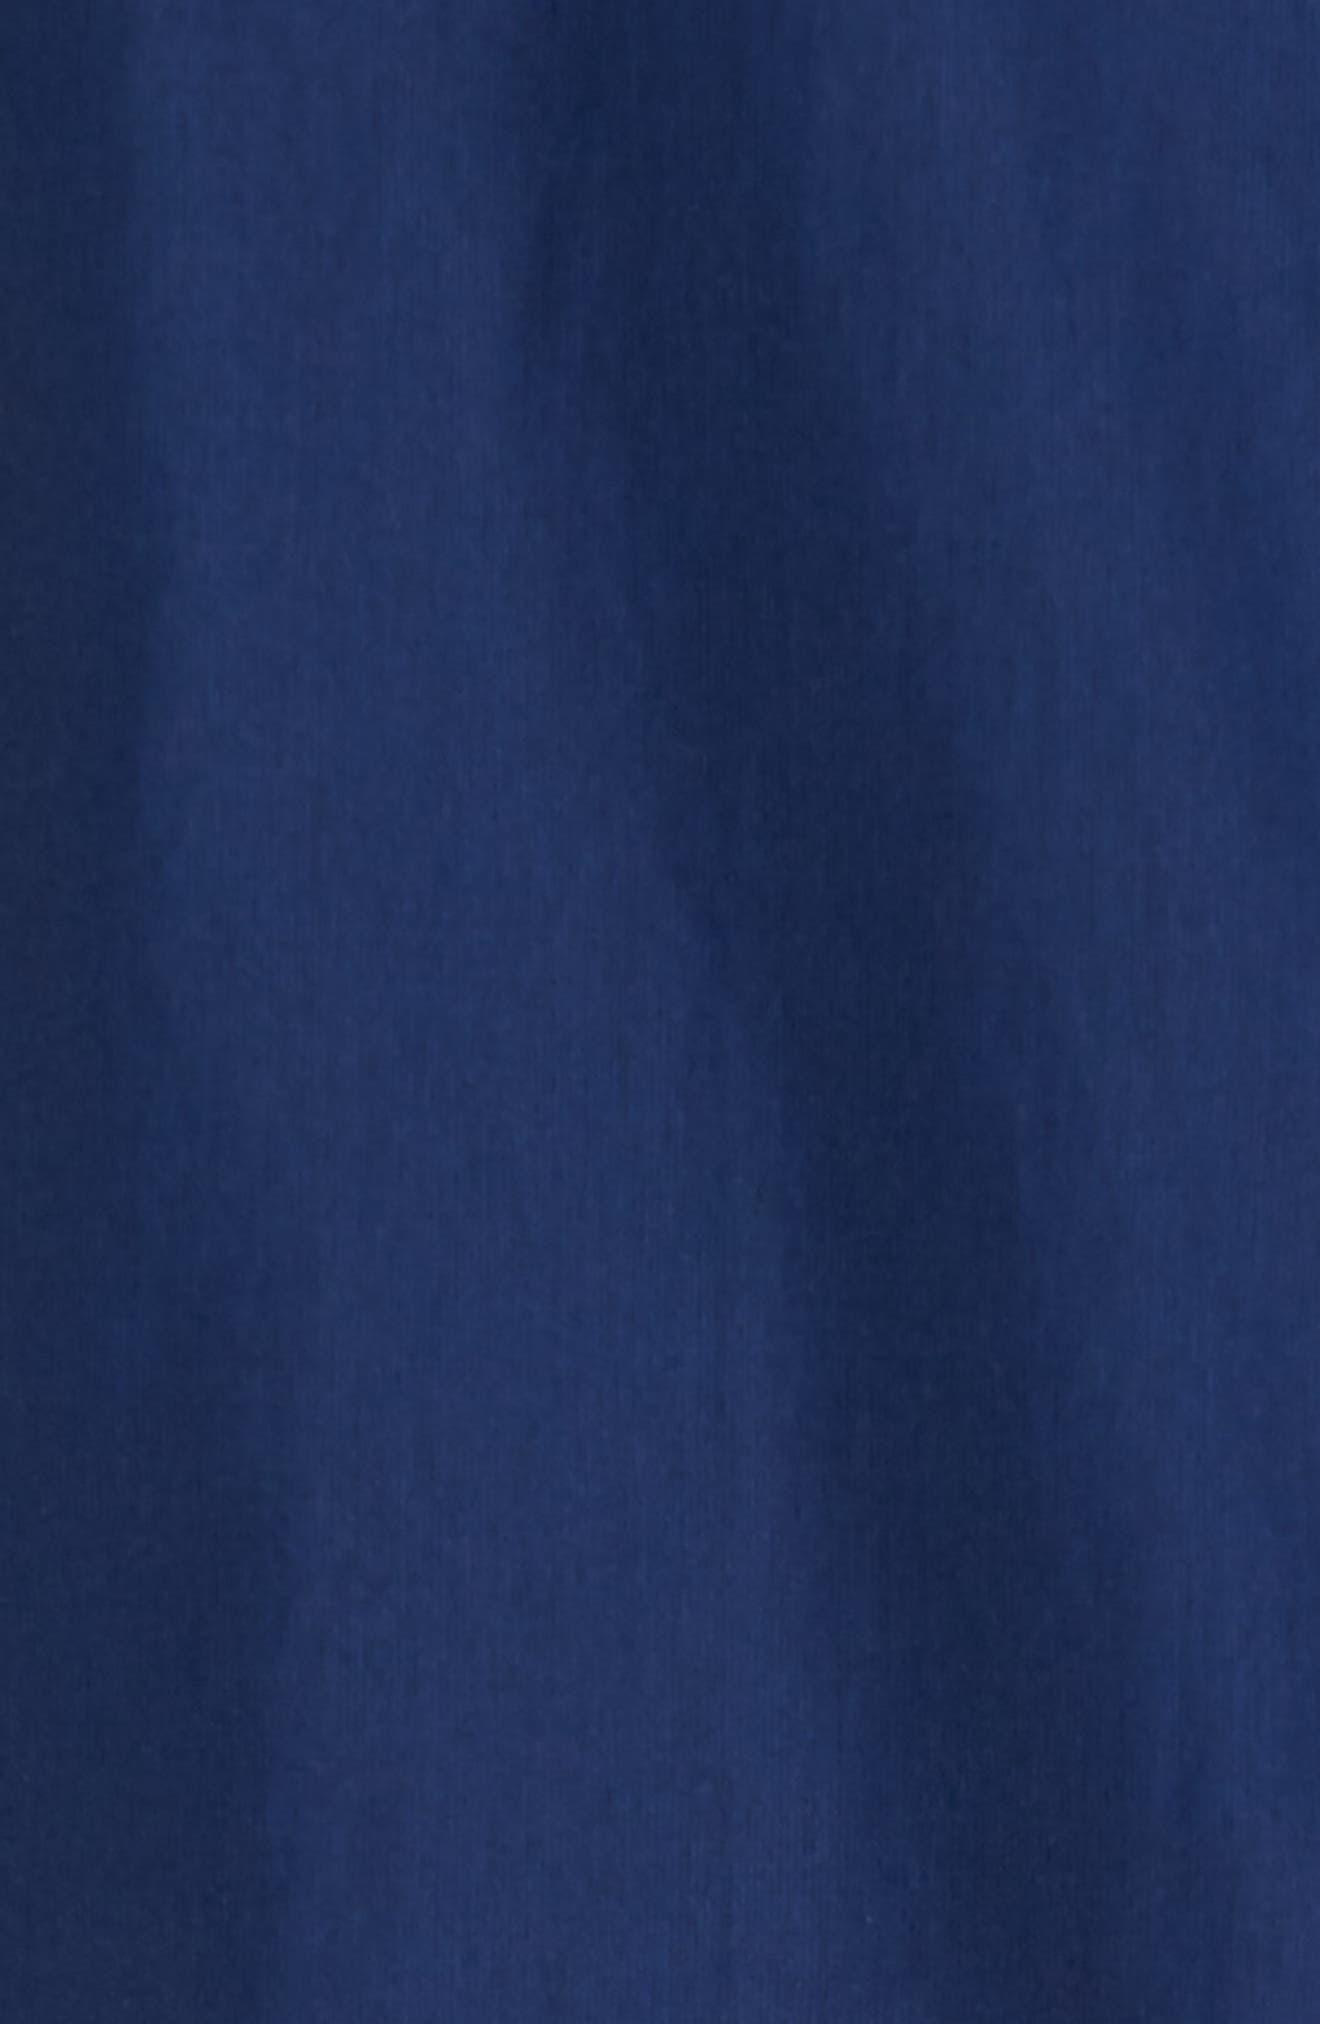 Austin Cotton Blend Raincoat,                             Alternate thumbnail 5, color,